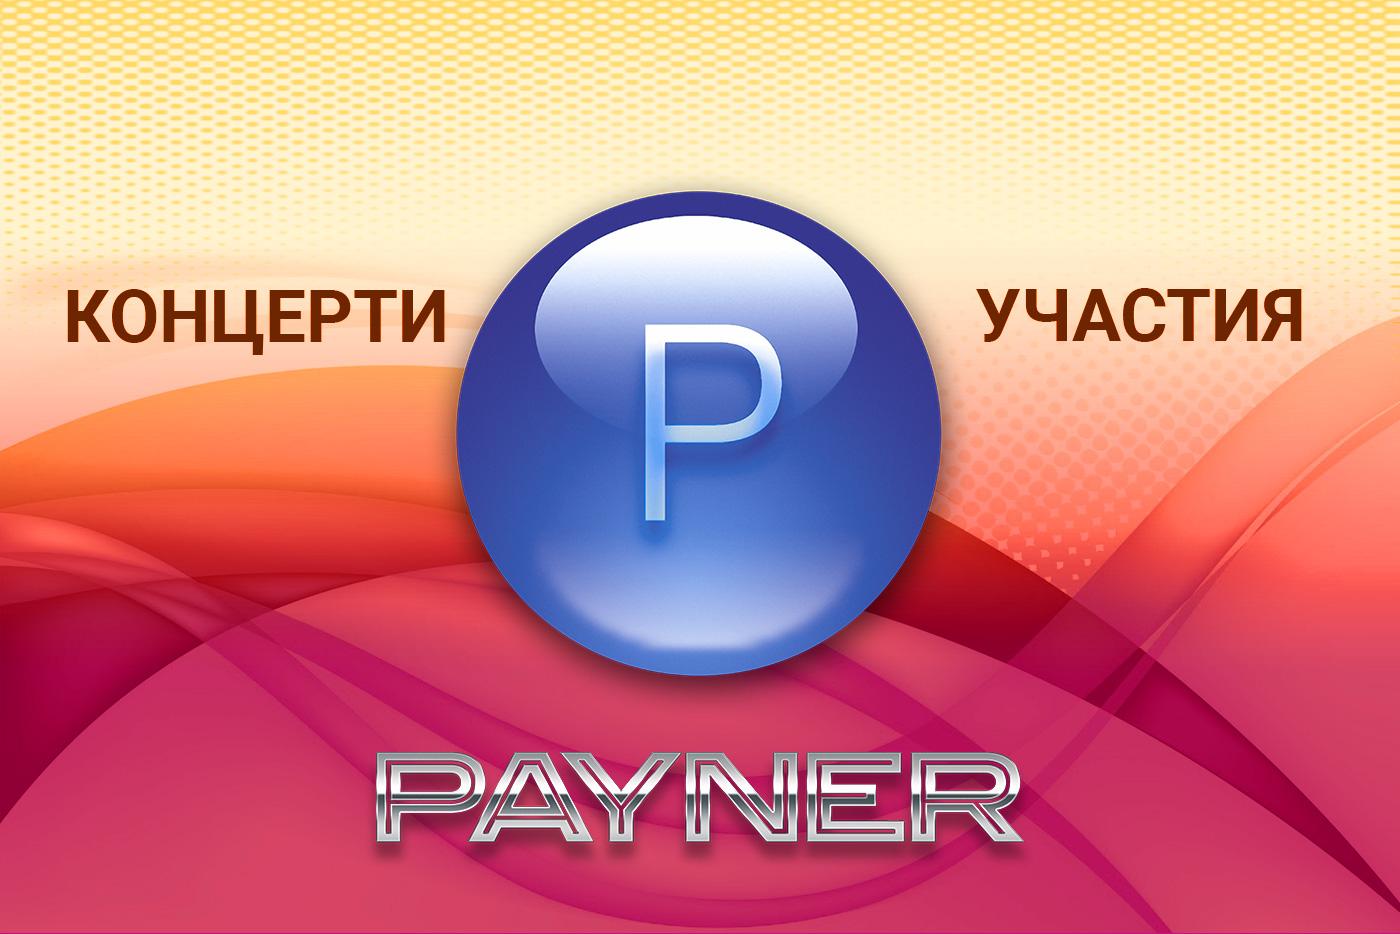 """Участия на звездите на """"Пайнер"""" на 14.12.2019"""